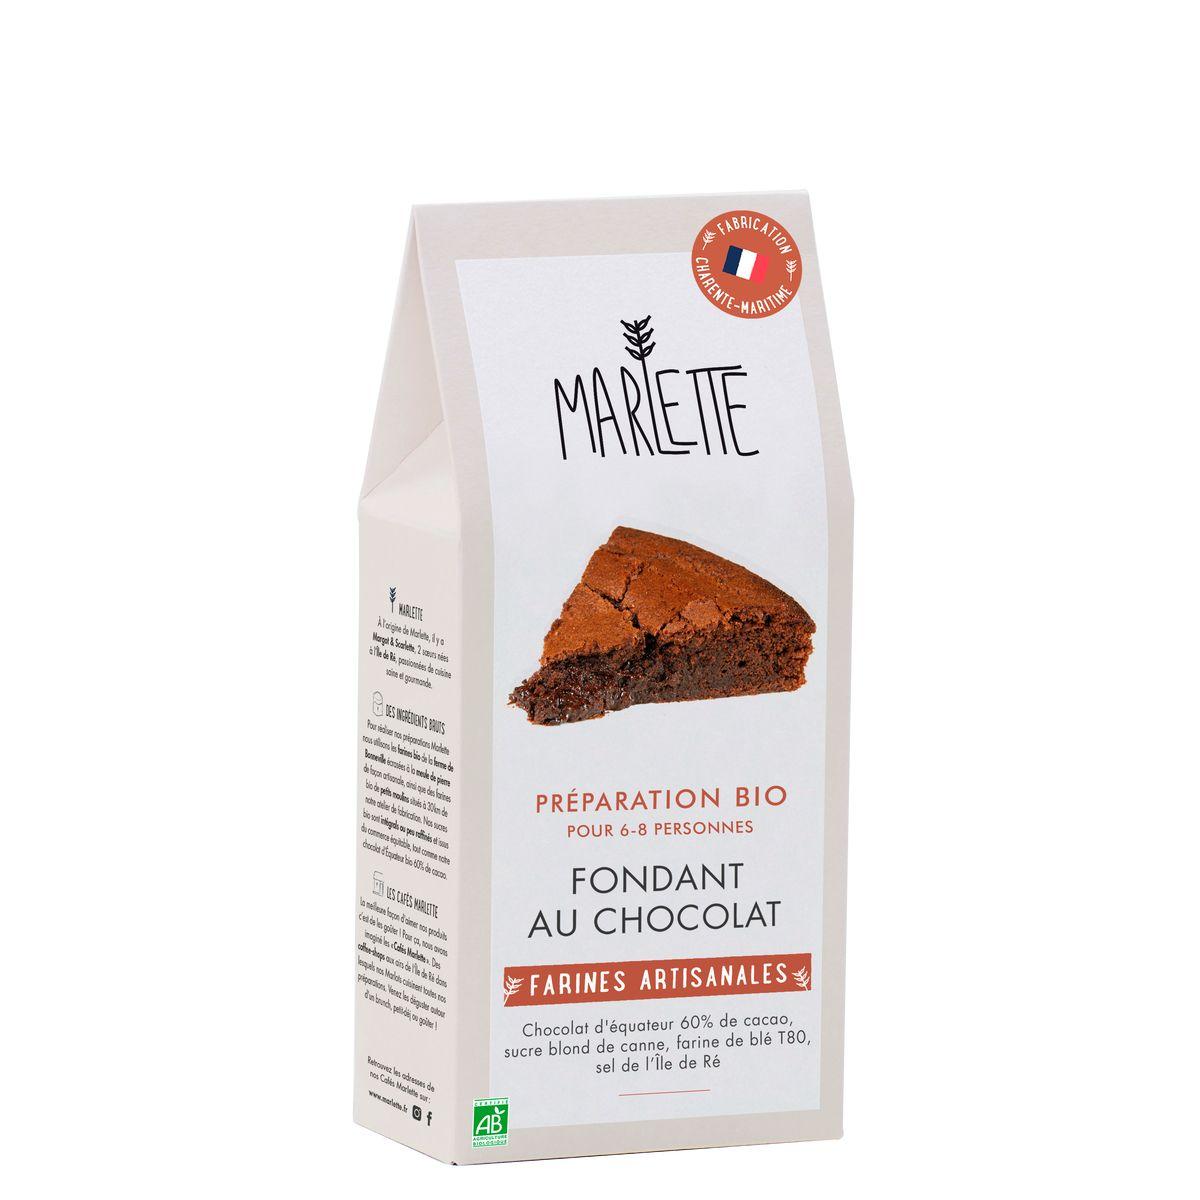 Préparation bio pour fondant au chocolat bio 330gr - Marlette